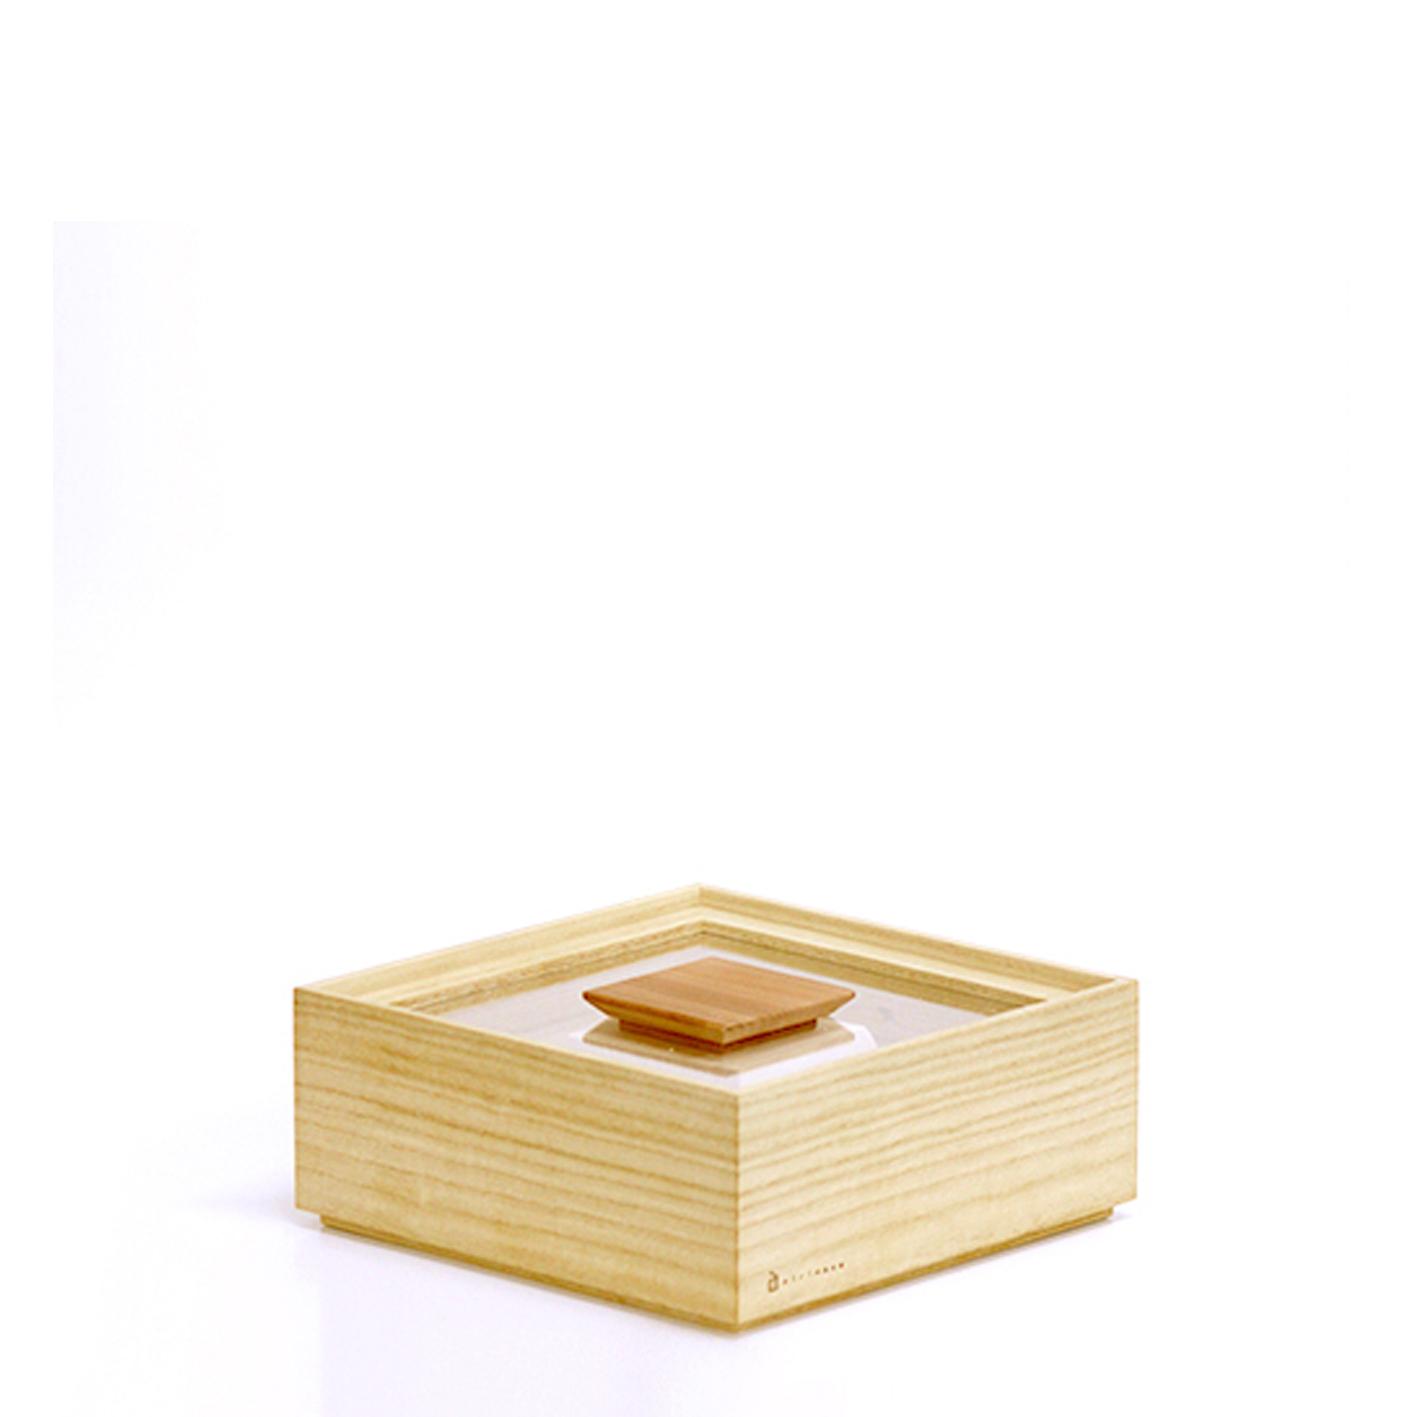 増田桐箱店 桐製米びつ 1kg